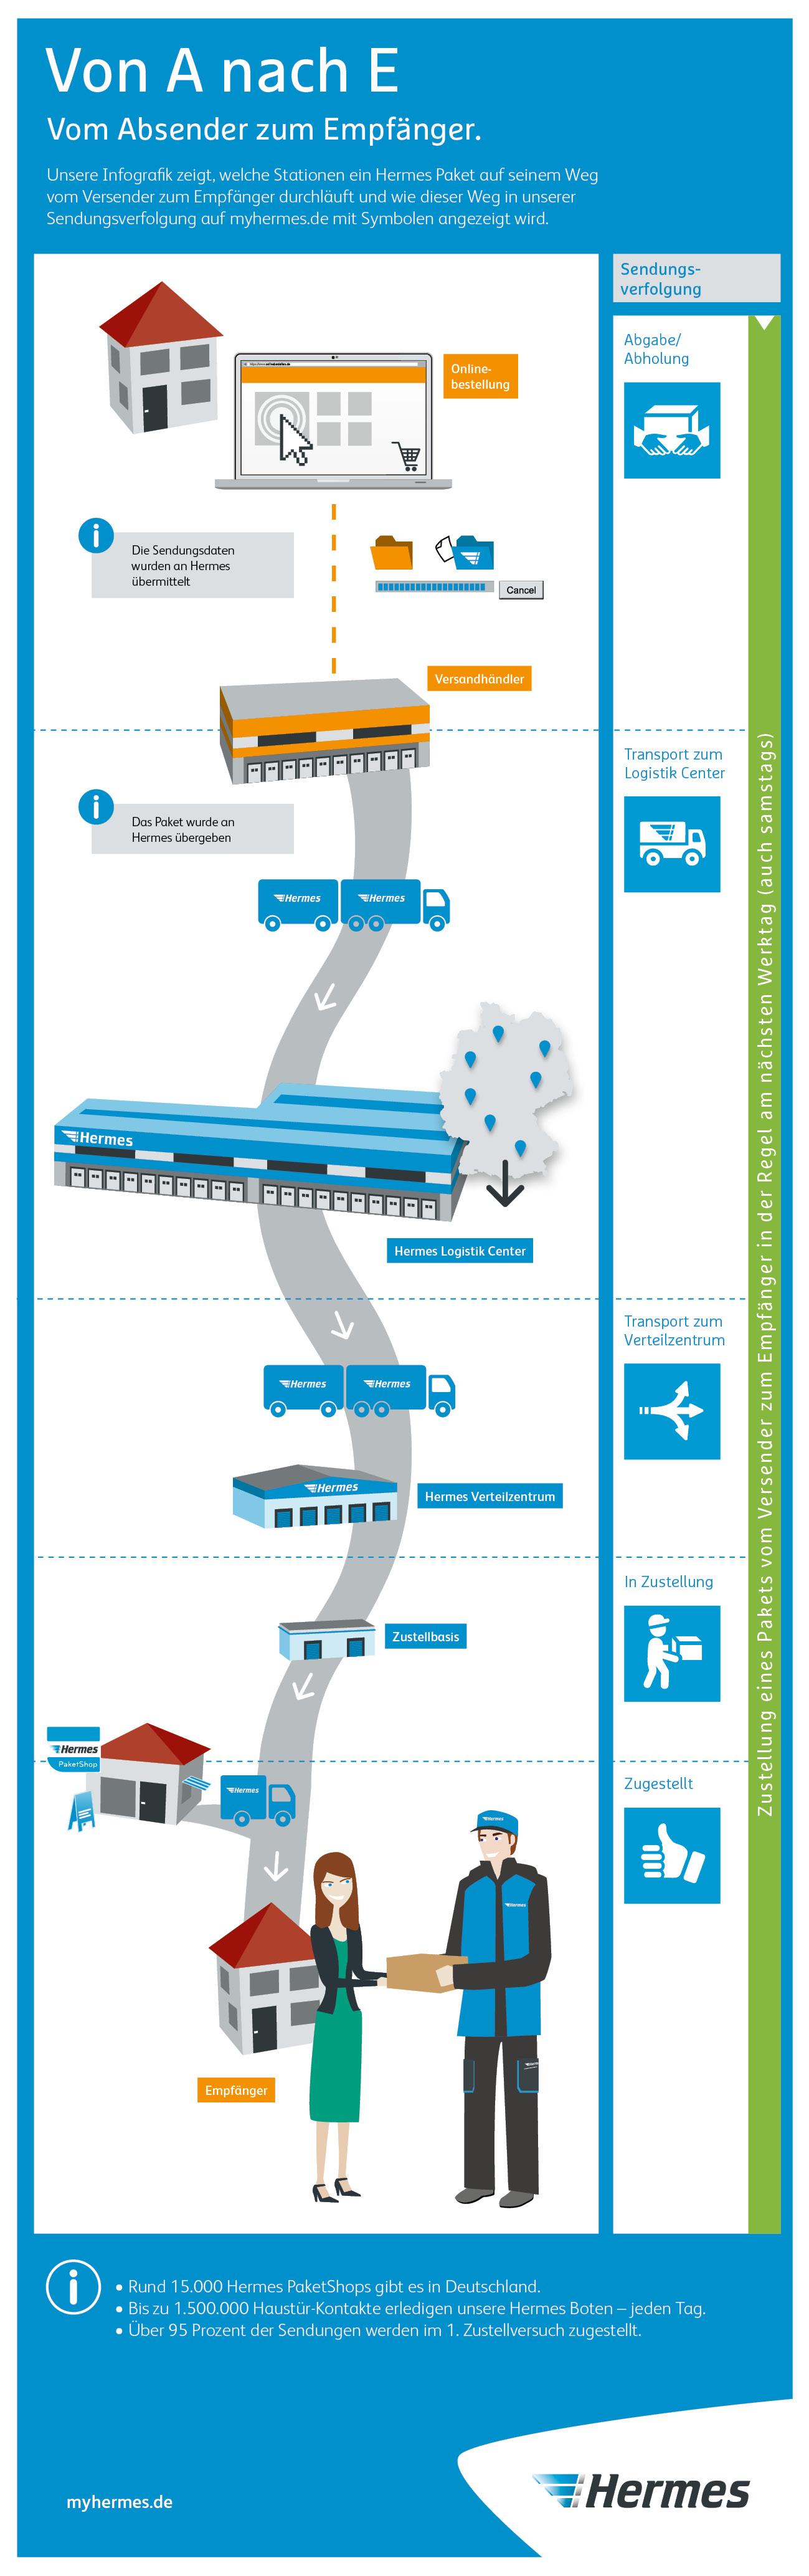 Vom Absender Zum Empfanger Die Hermes Infografik Erklart Die Stationen Eines Pakets